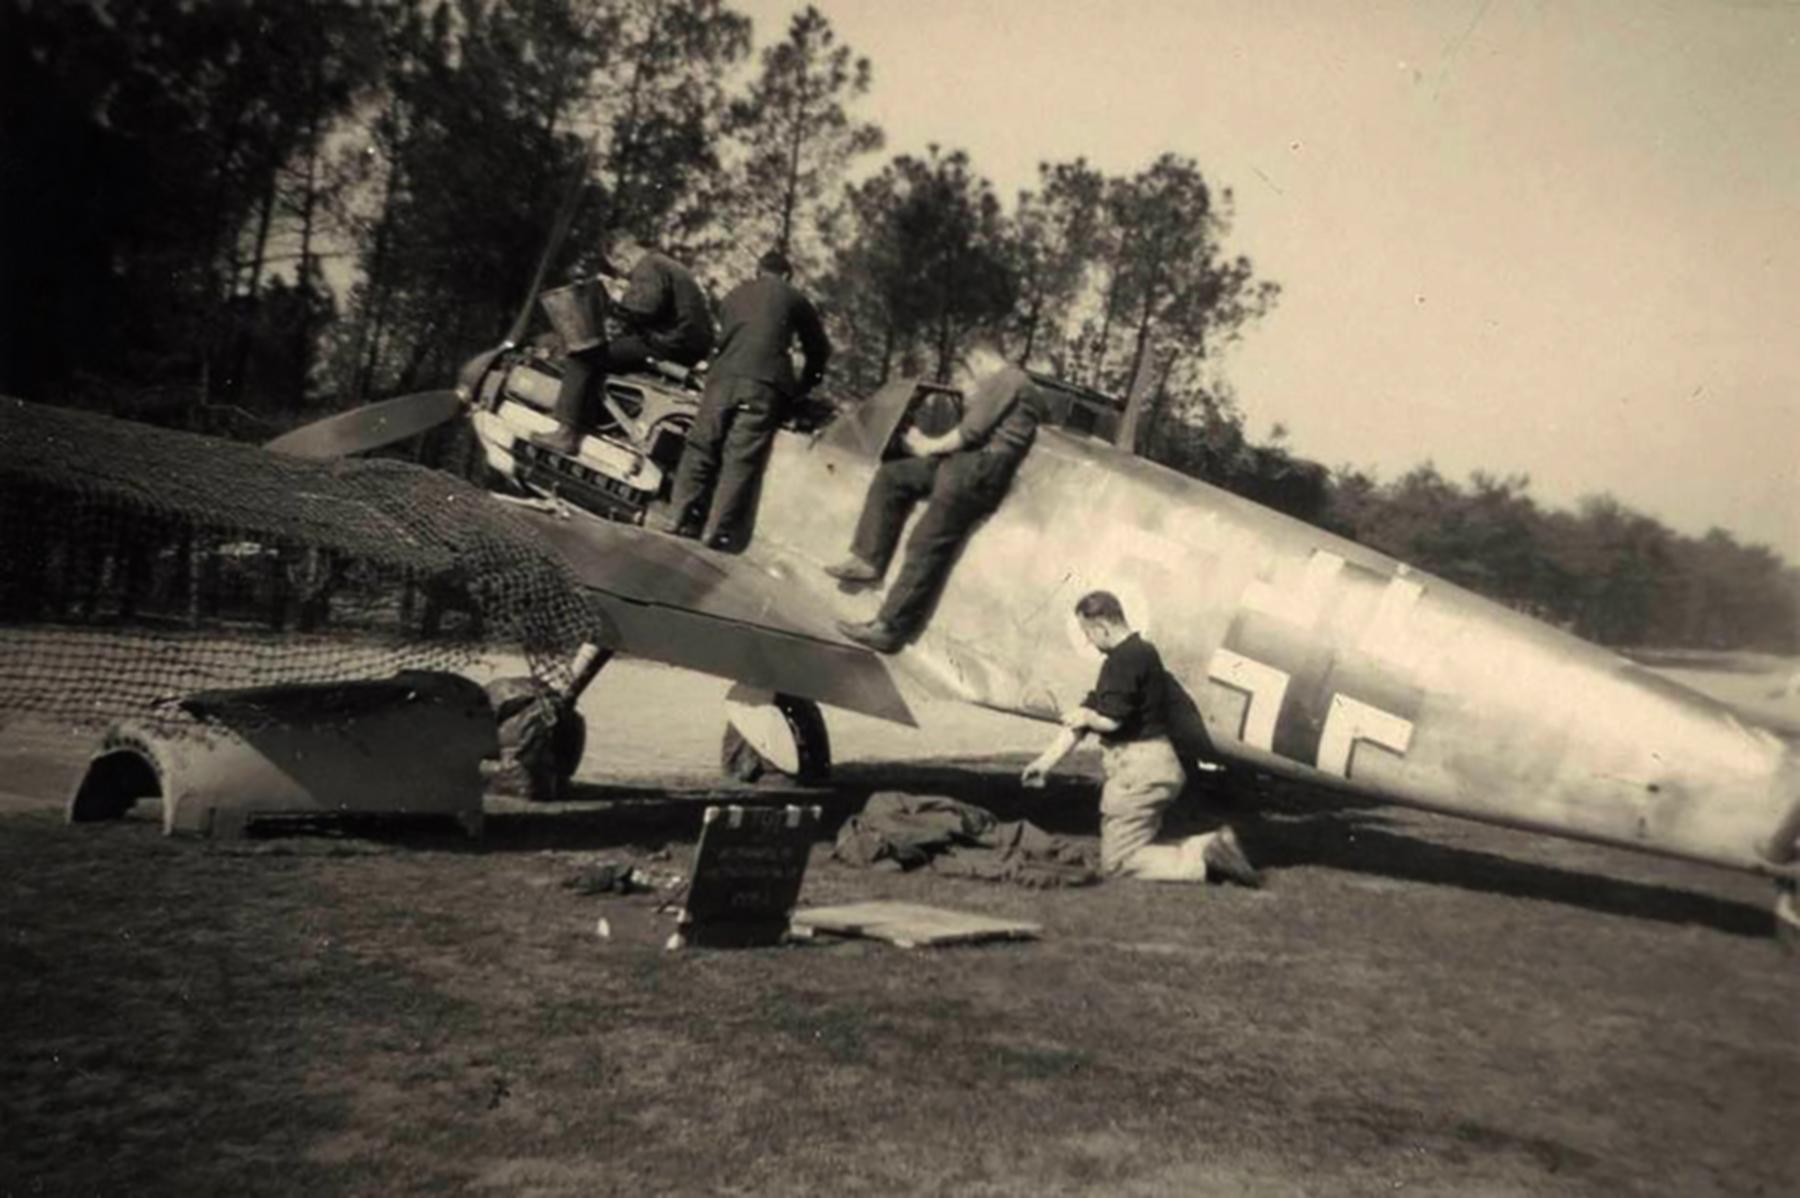 Messerschmitt Bf 109E4 3.JG52 Yellow 5 Woensdrecht Holland 26th April 1941 ebay 01